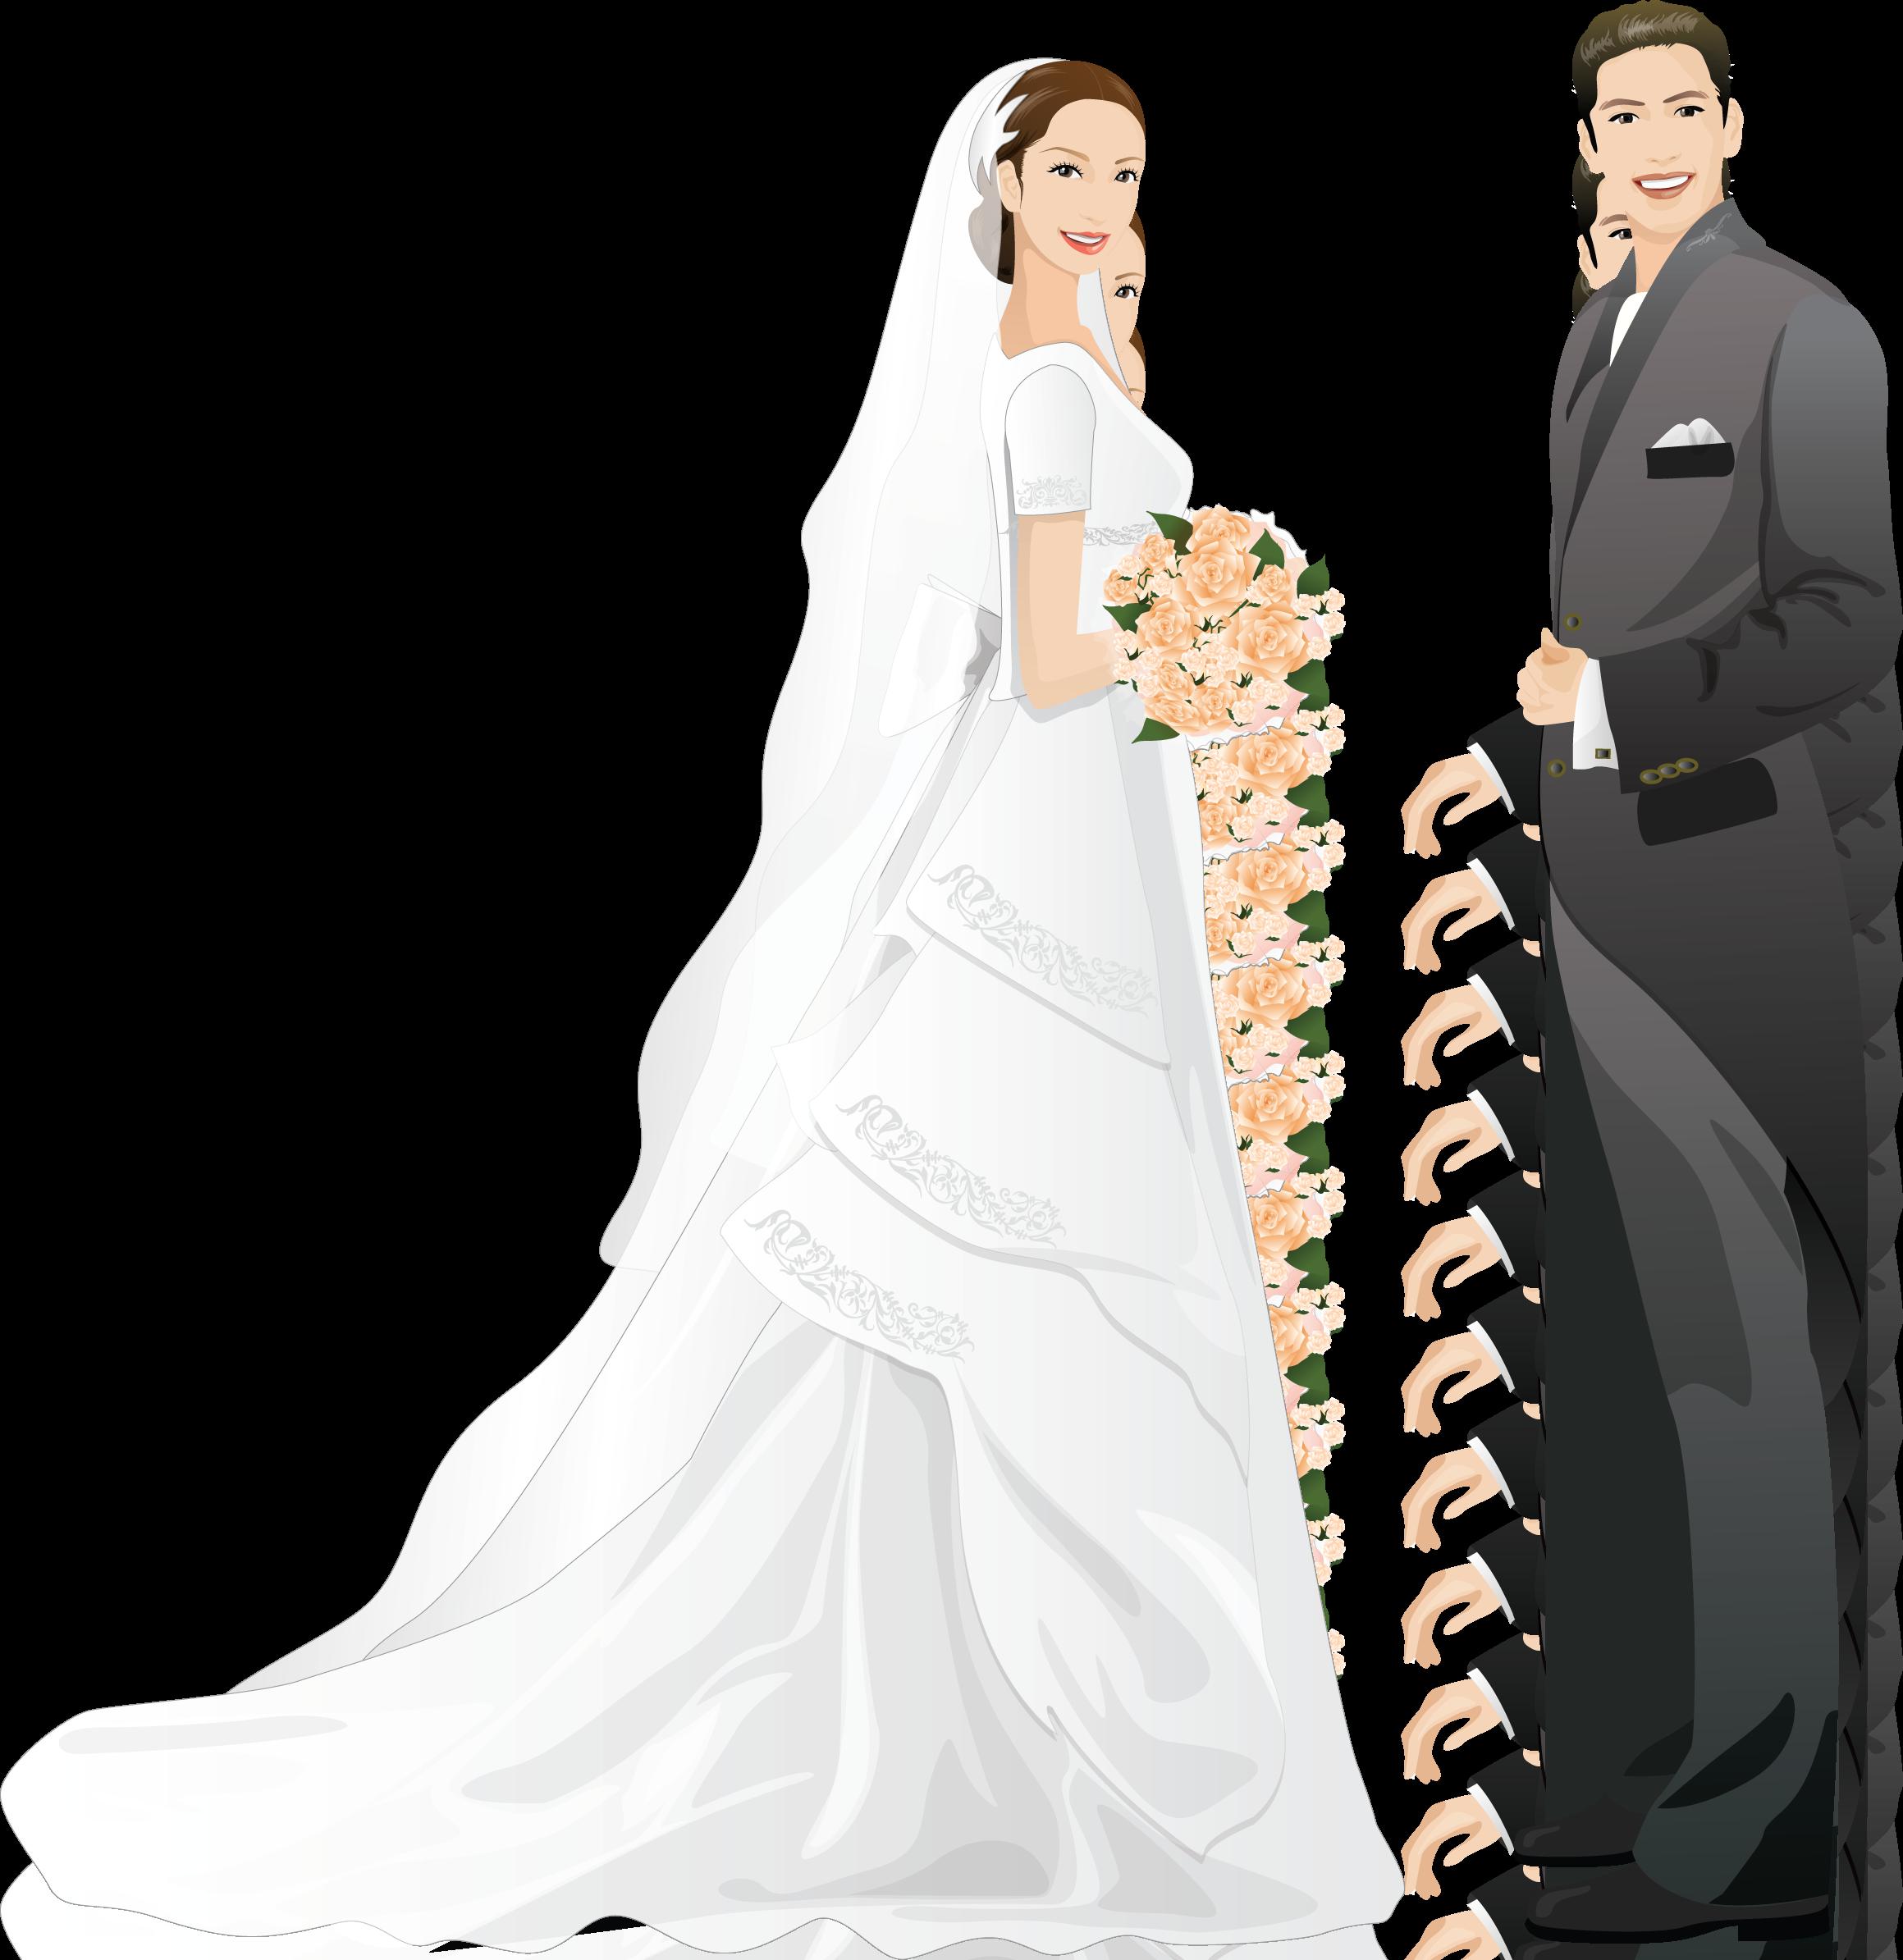 Резултат с изображение за жених и невеста клипарт (com ...